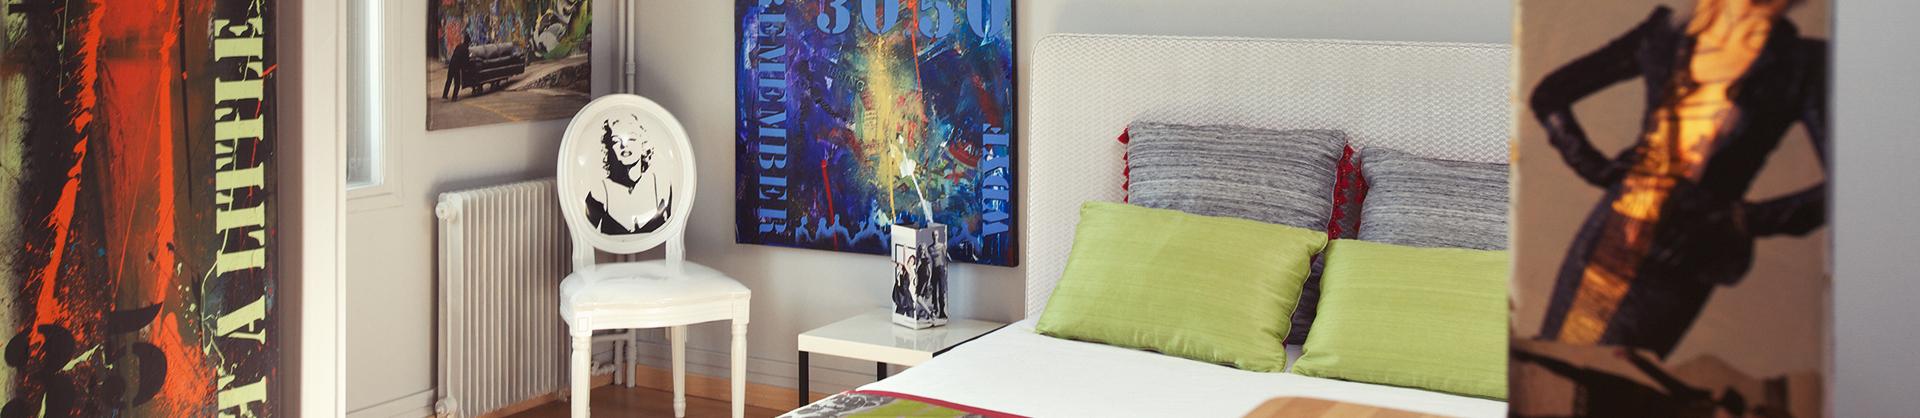 architecte d coratrice d 39 int rieur mich le boni. Black Bedroom Furniture Sets. Home Design Ideas